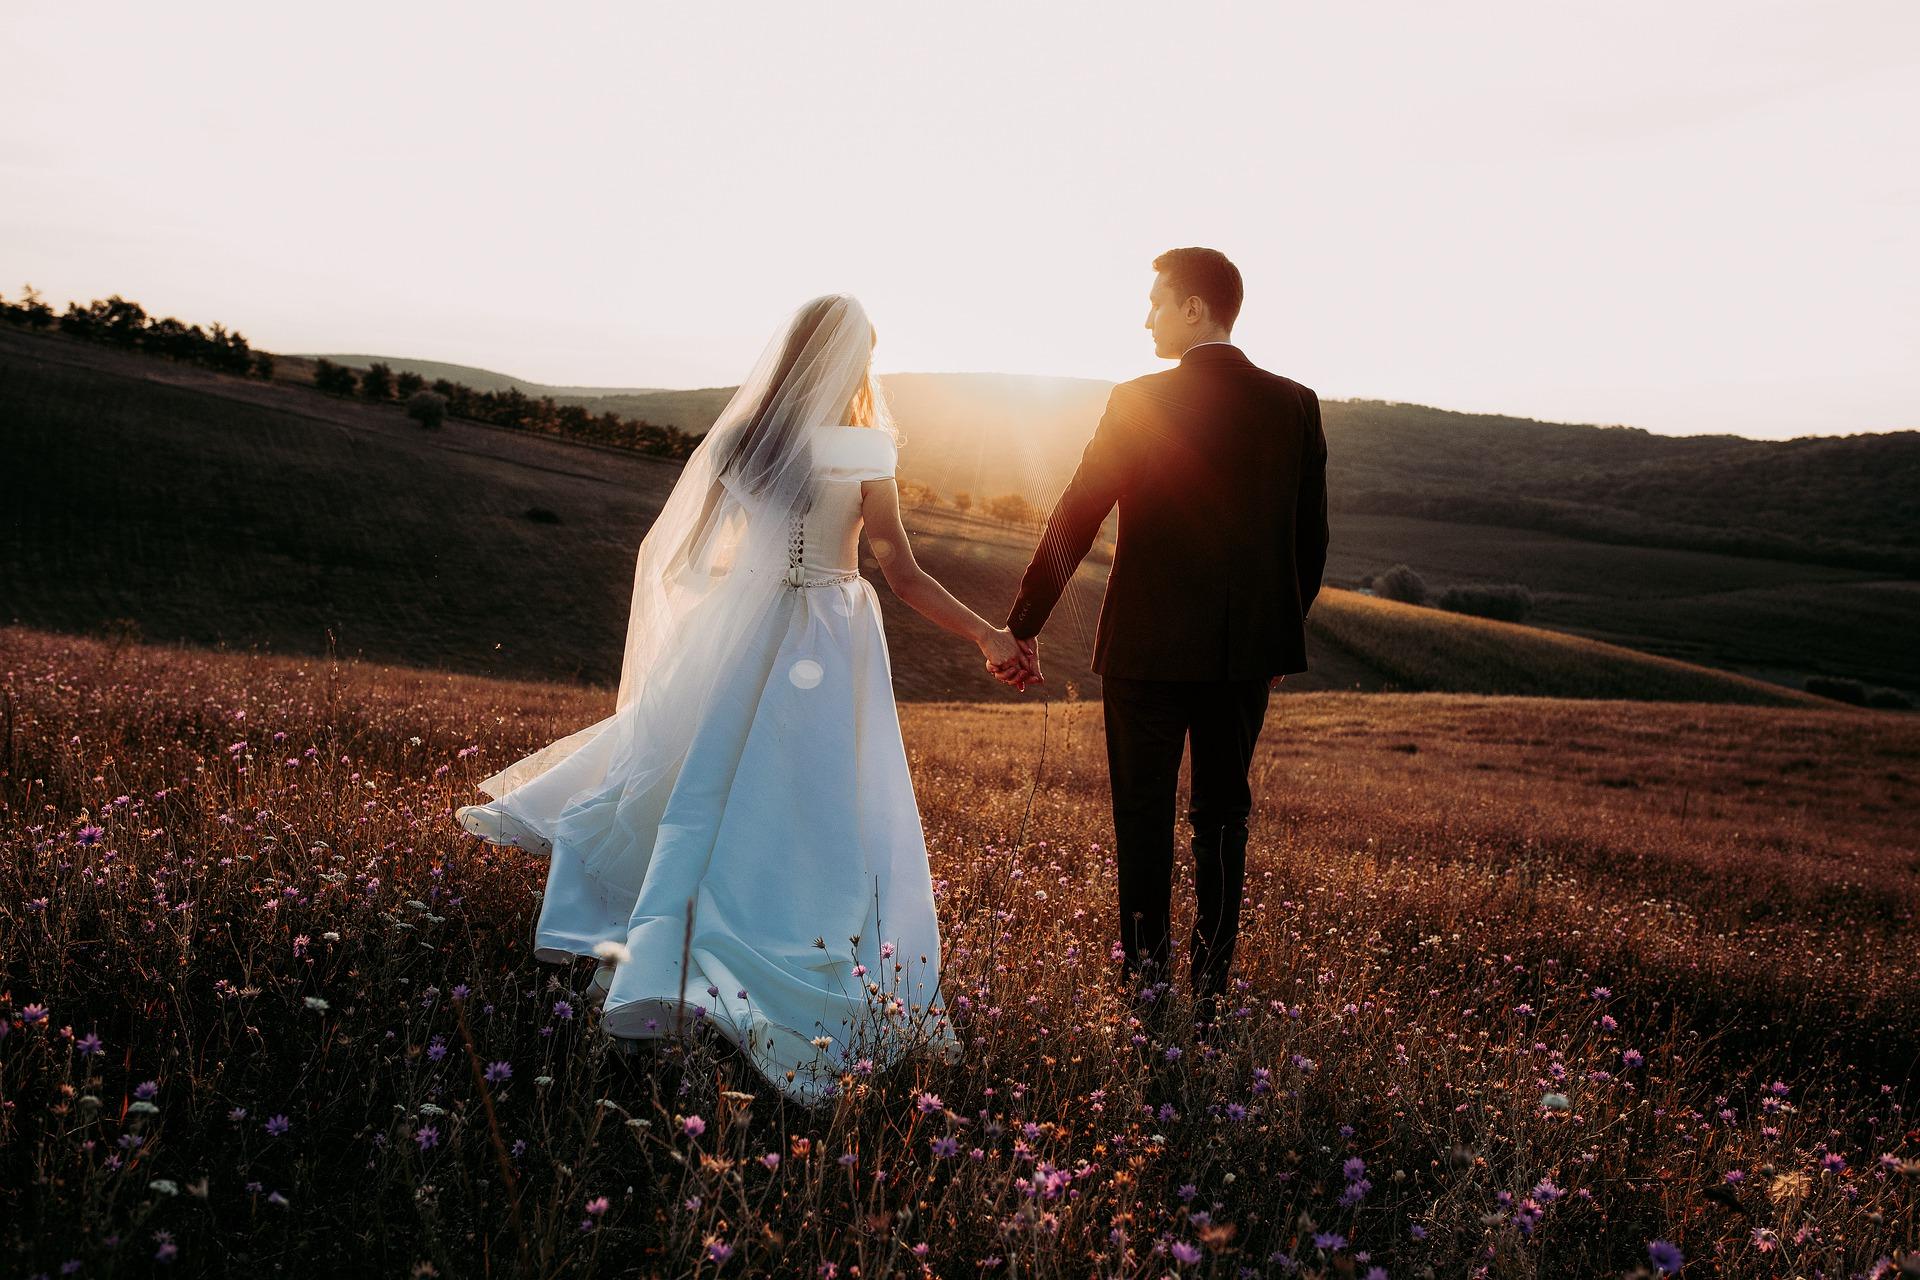 元彼と復縁して結婚したら幸せになれる?